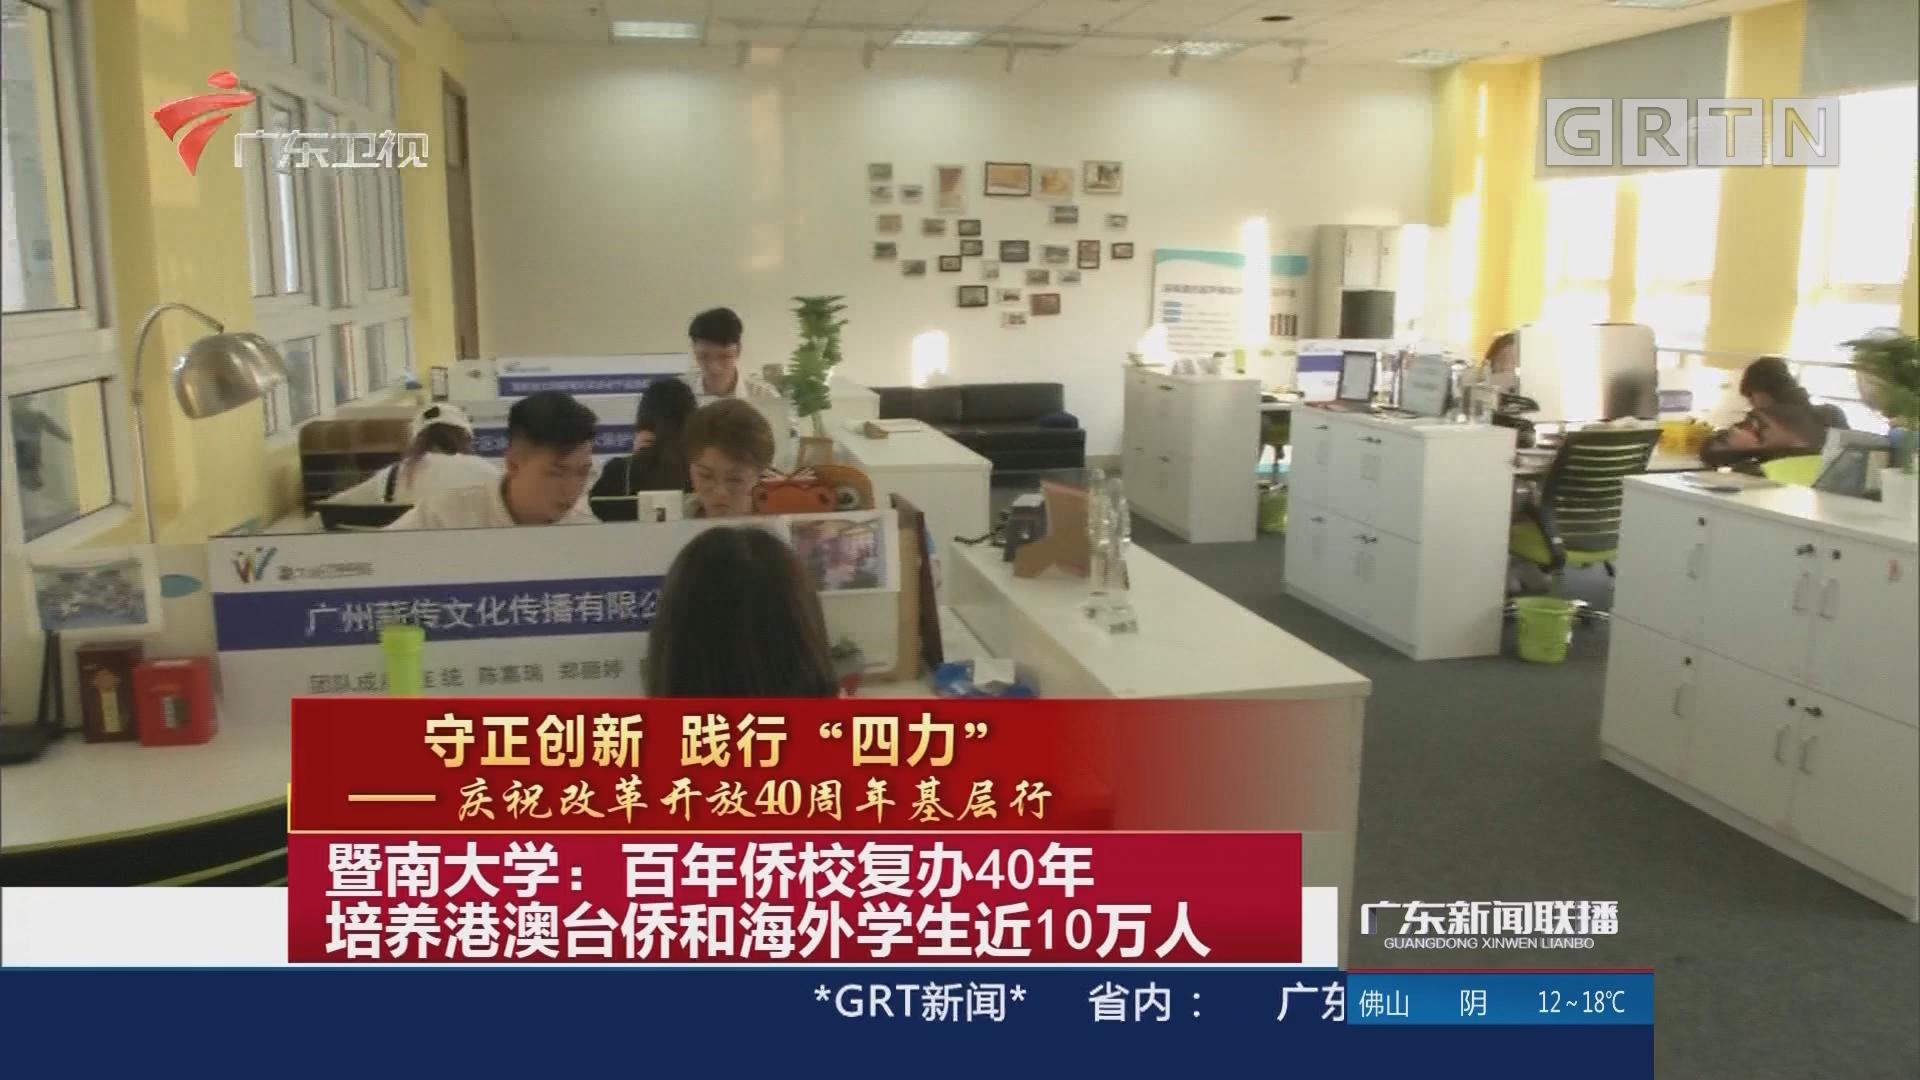 暨南大学:百年侨校复办40年 培养港澳台侨和海外学生近10万人